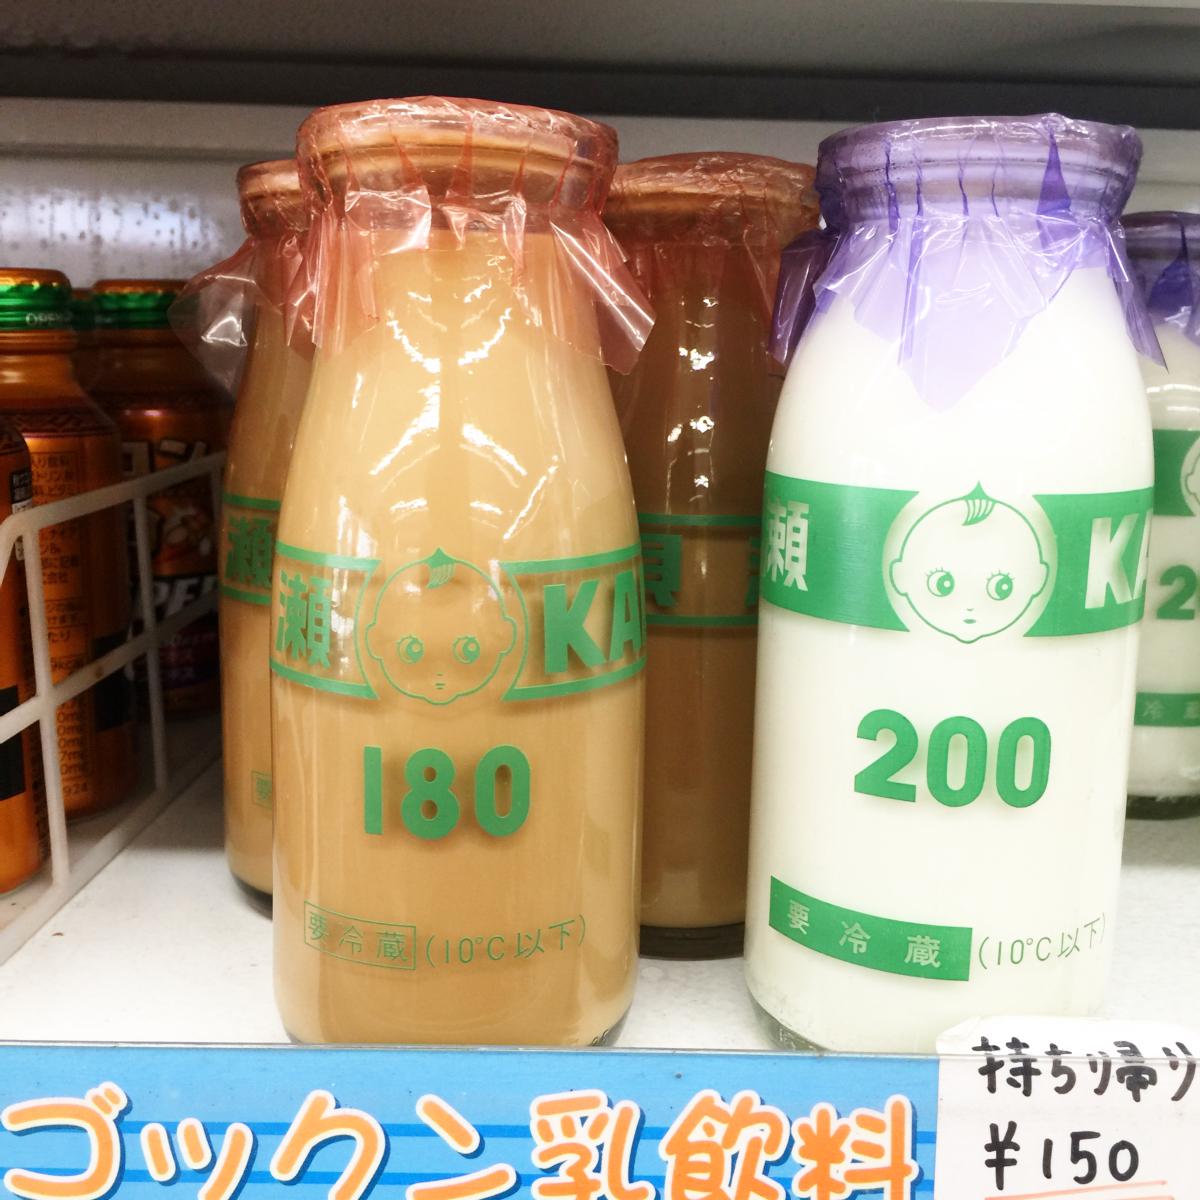 IMG_7361 Tambara Lavender Park Kawaii